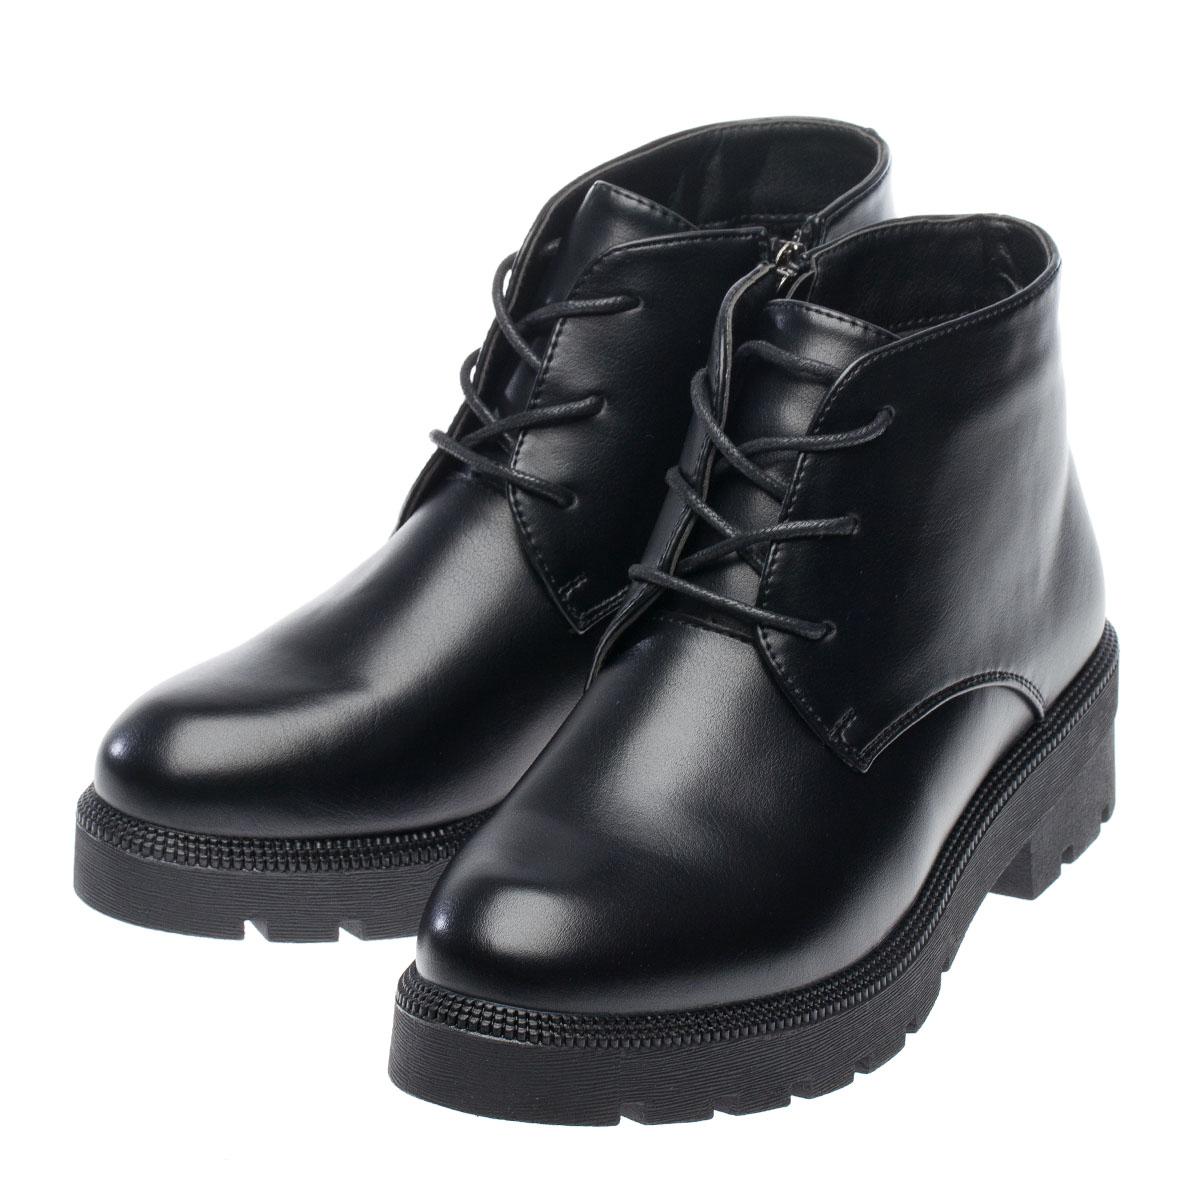 Ботинки демисезонные FERTO, D16-3611